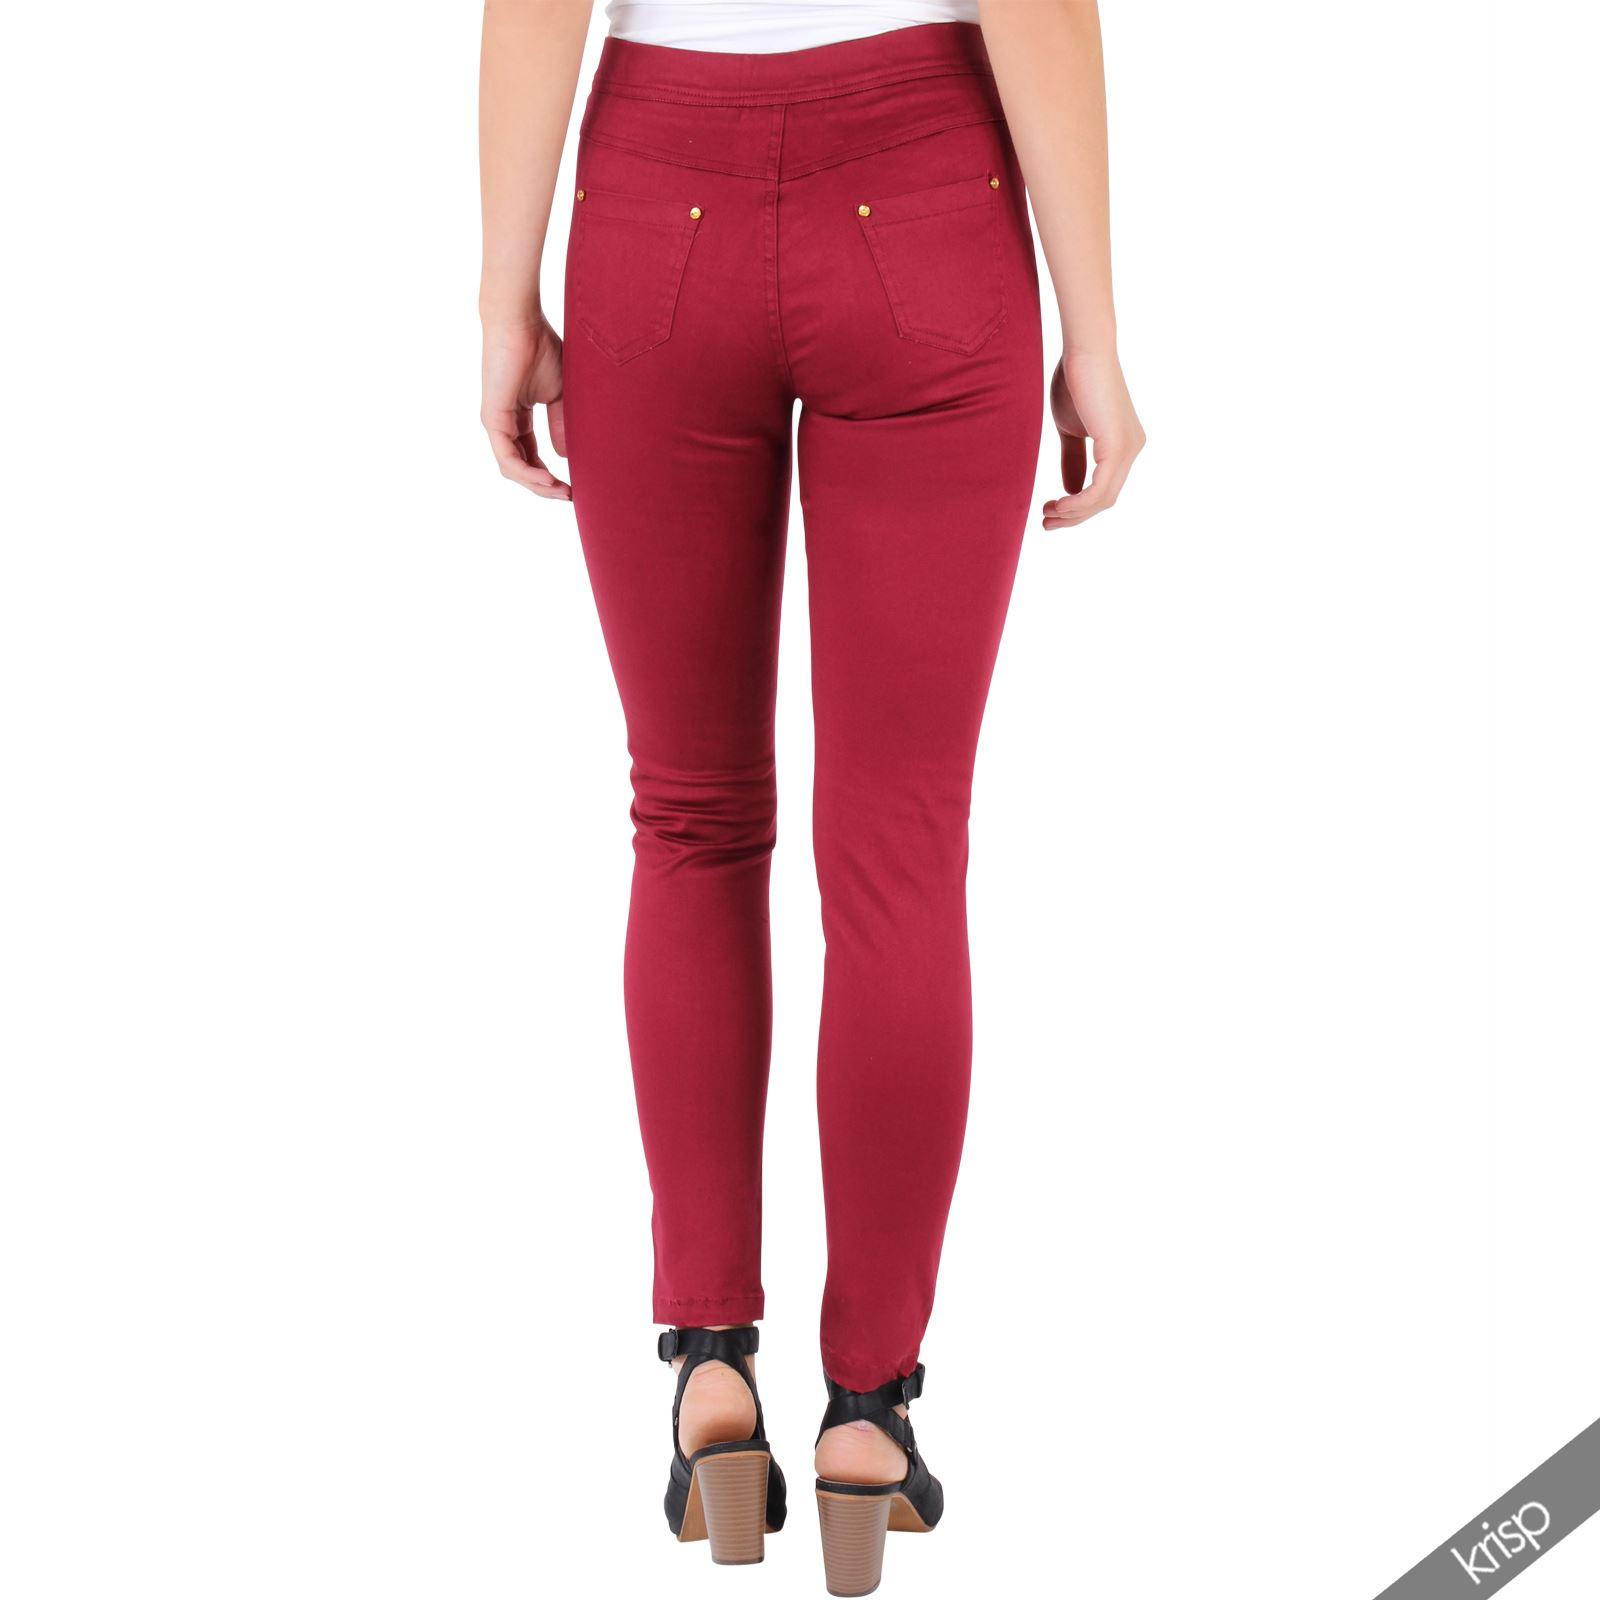 Femme pantalon jean slim bas sexy trou au genou effet style us casual - Comment reparer un jean troue au genou ...